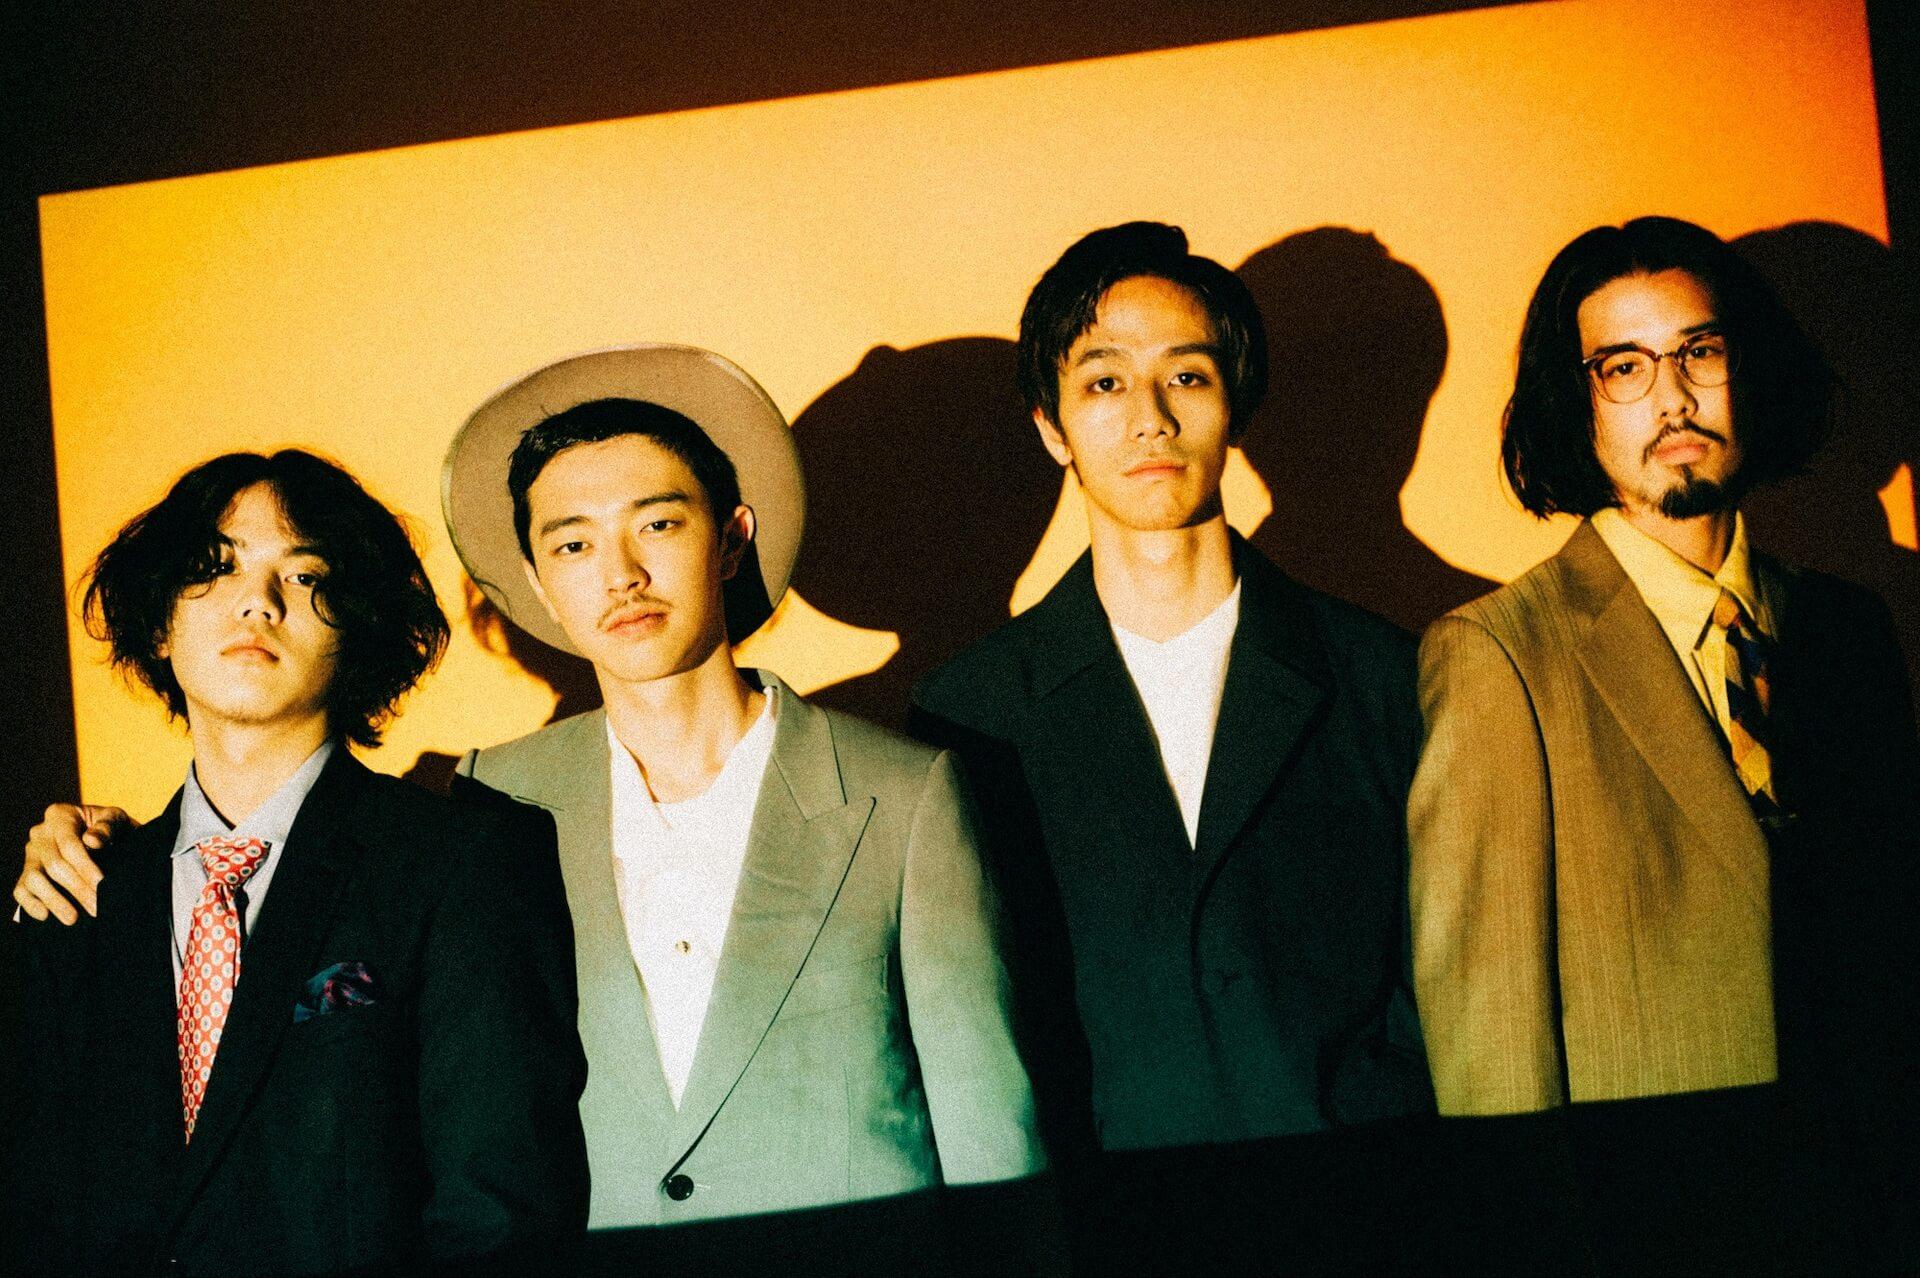 変化し続ける街・福岡でyonawoの音楽性が愛される理由とは column201127_yonawo_03